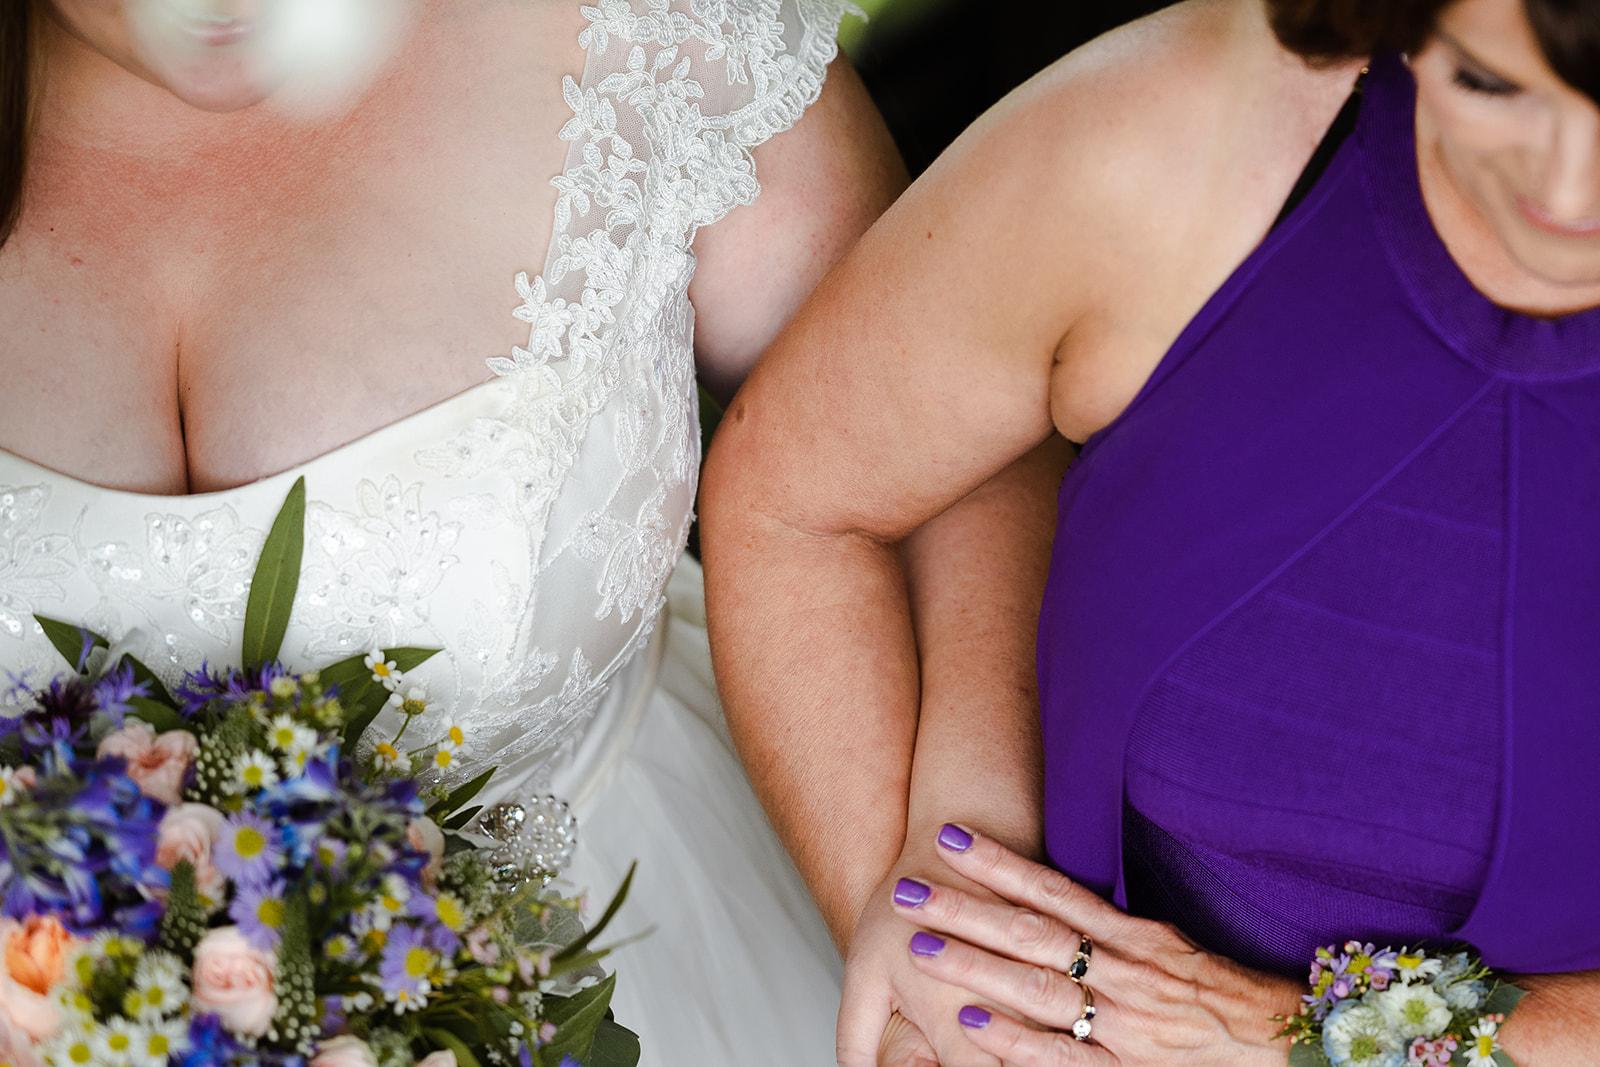 coastal wedding plus size couple rockland maine vesper hill childrens chapel 23